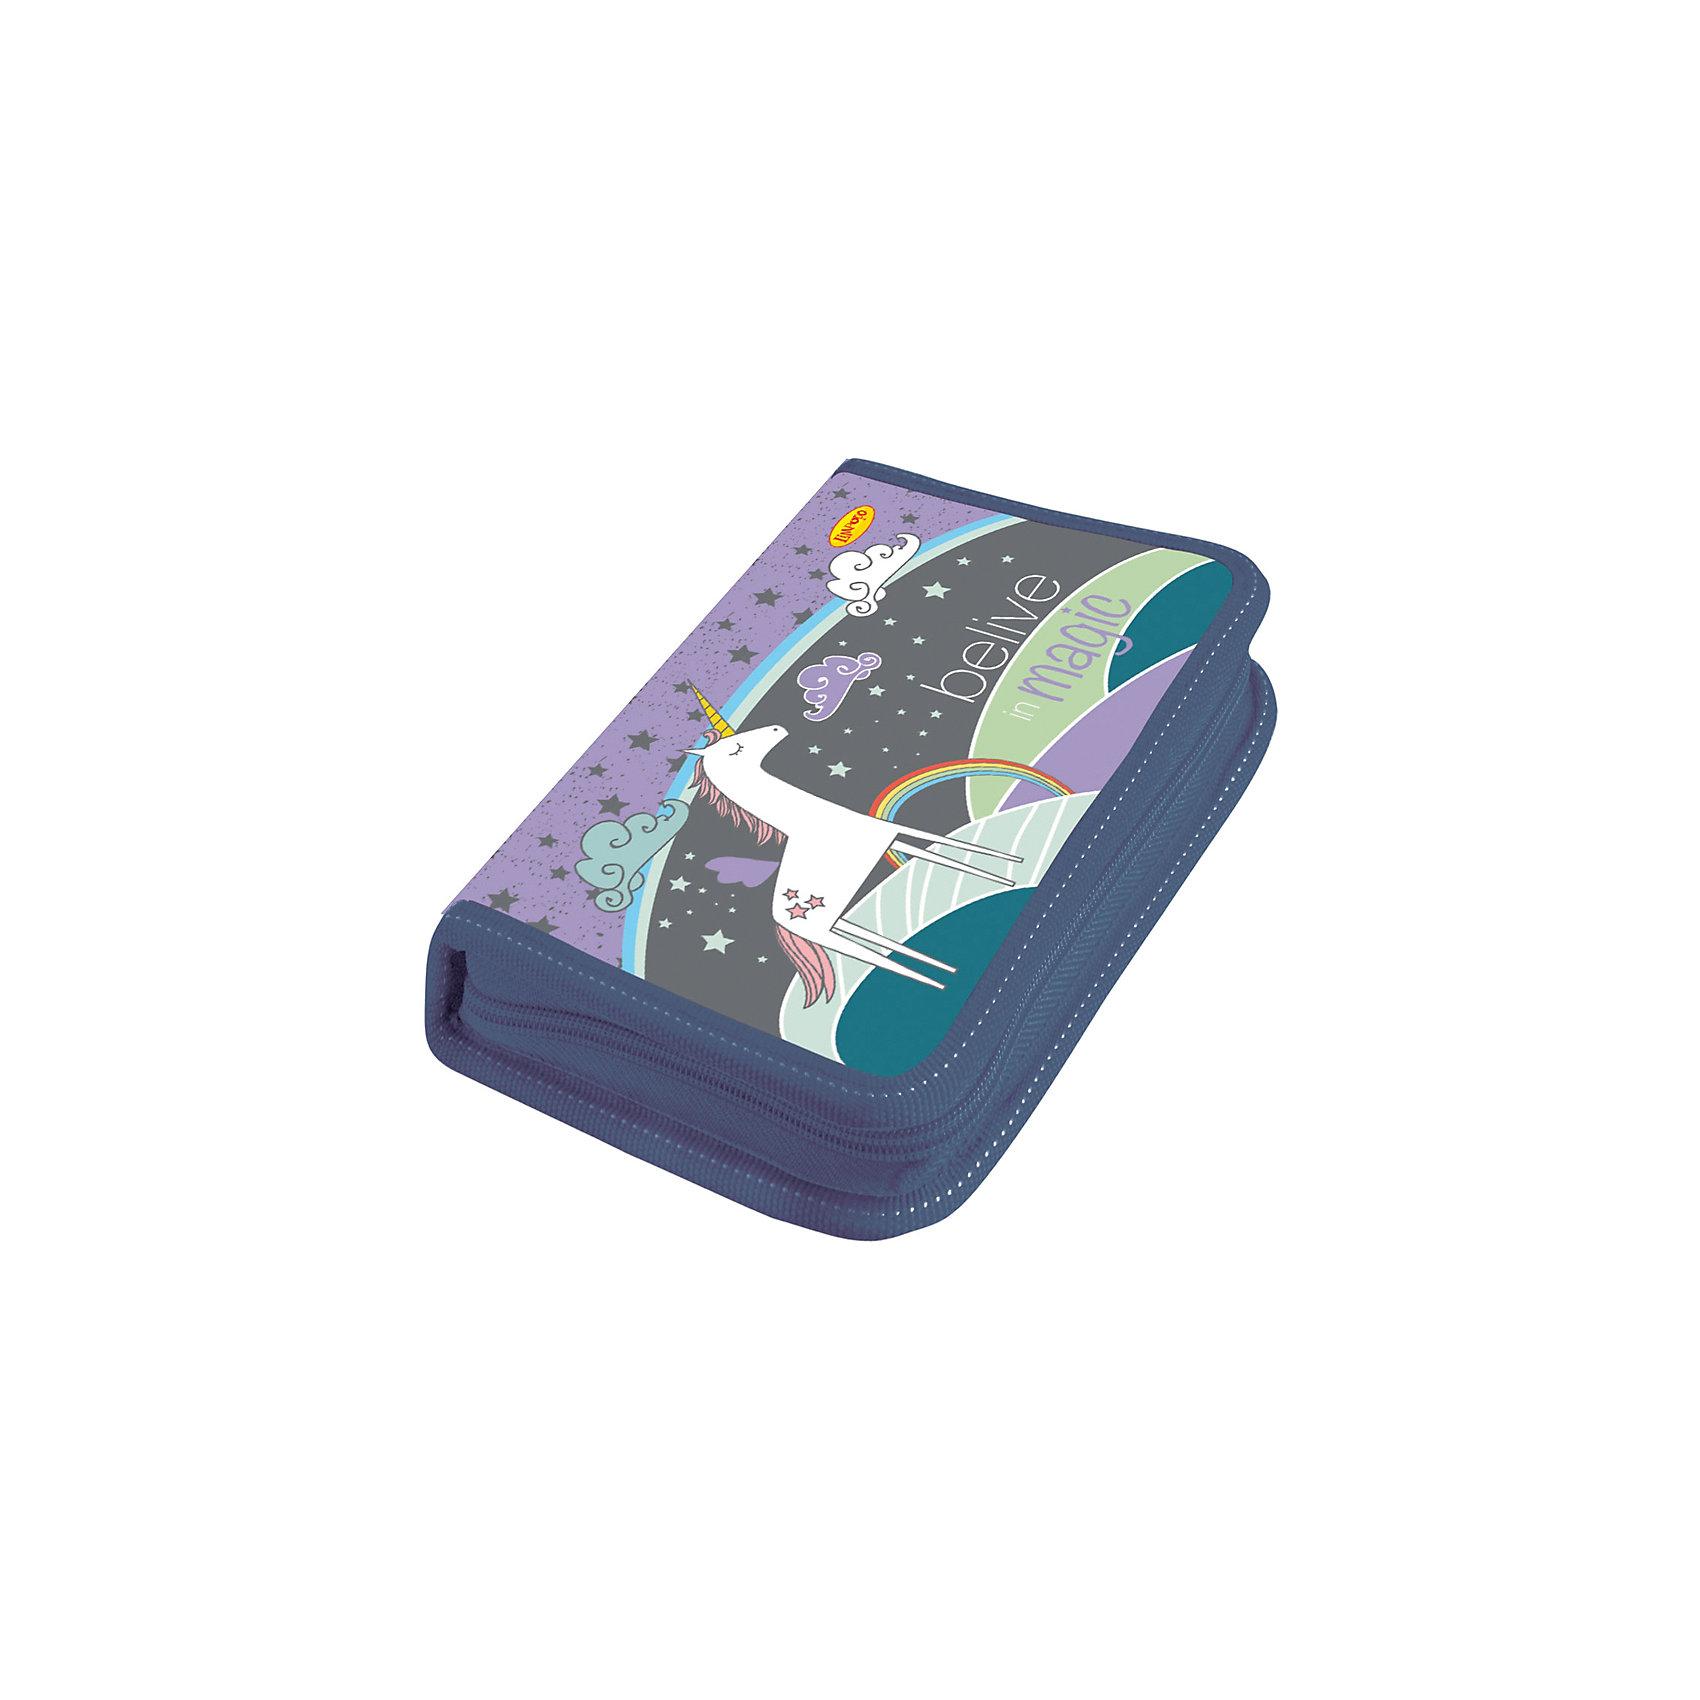 Пенал средний ЕдинорогПеналы без наполнения<br>Школьный пенал - одна из самых важных вещей для успешной учебы ребенка. Пенал средний, двухстворчатый, жесткий, ламинированный, на молнии, без наполнения. Внутри предусмотрены крепления для канцелярских принадлежностей. Внутренняя поверхность пенала легко чиститься от следов ручек и карандашей с помощью влажной тряпки и мыльного раствора.<br><br>Ширина мм: 195<br>Глубина мм: 27<br>Высота мм: 11<br>Вес г: 86<br>Возраст от месяцев: 48<br>Возраст до месяцев: 96<br>Пол: Женский<br>Возраст: Детский<br>SKU: 5525049